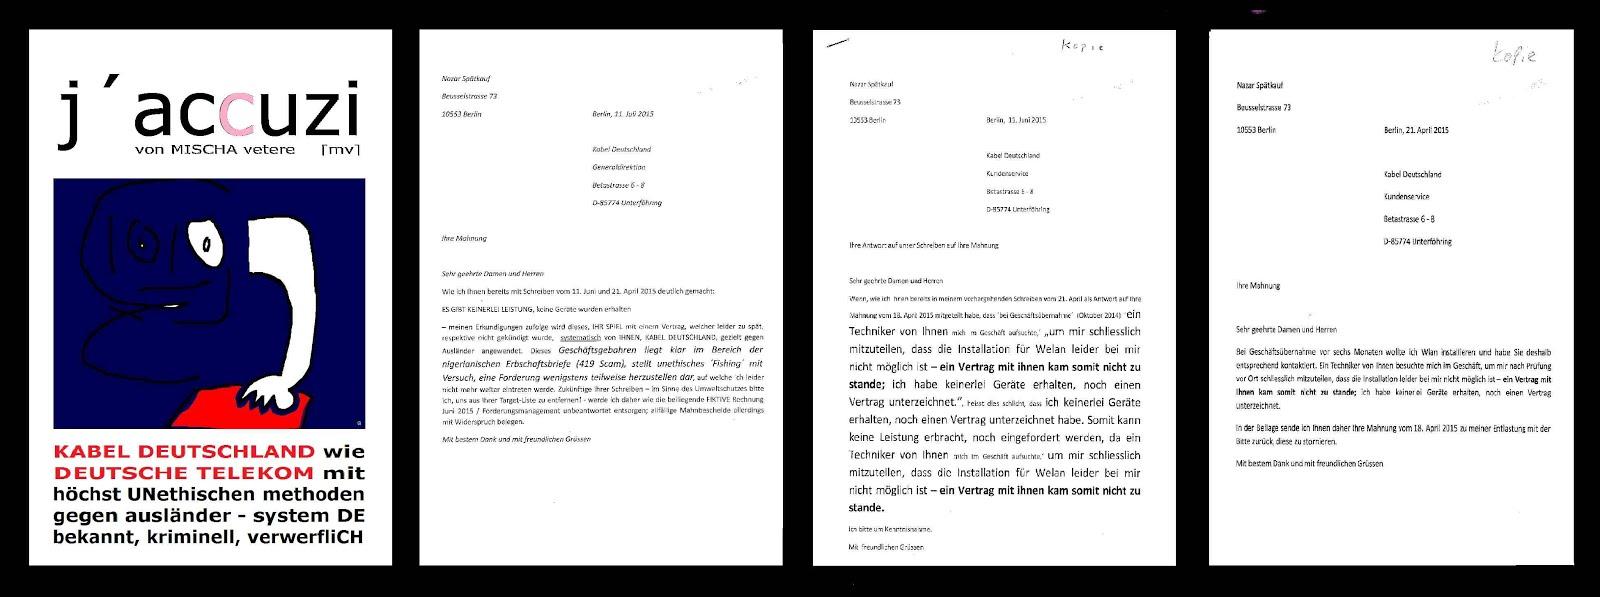 deutsche telekom genozidarbeit diebstahl urheberrecht morddrohungen mordversuch mischa vetere kabel